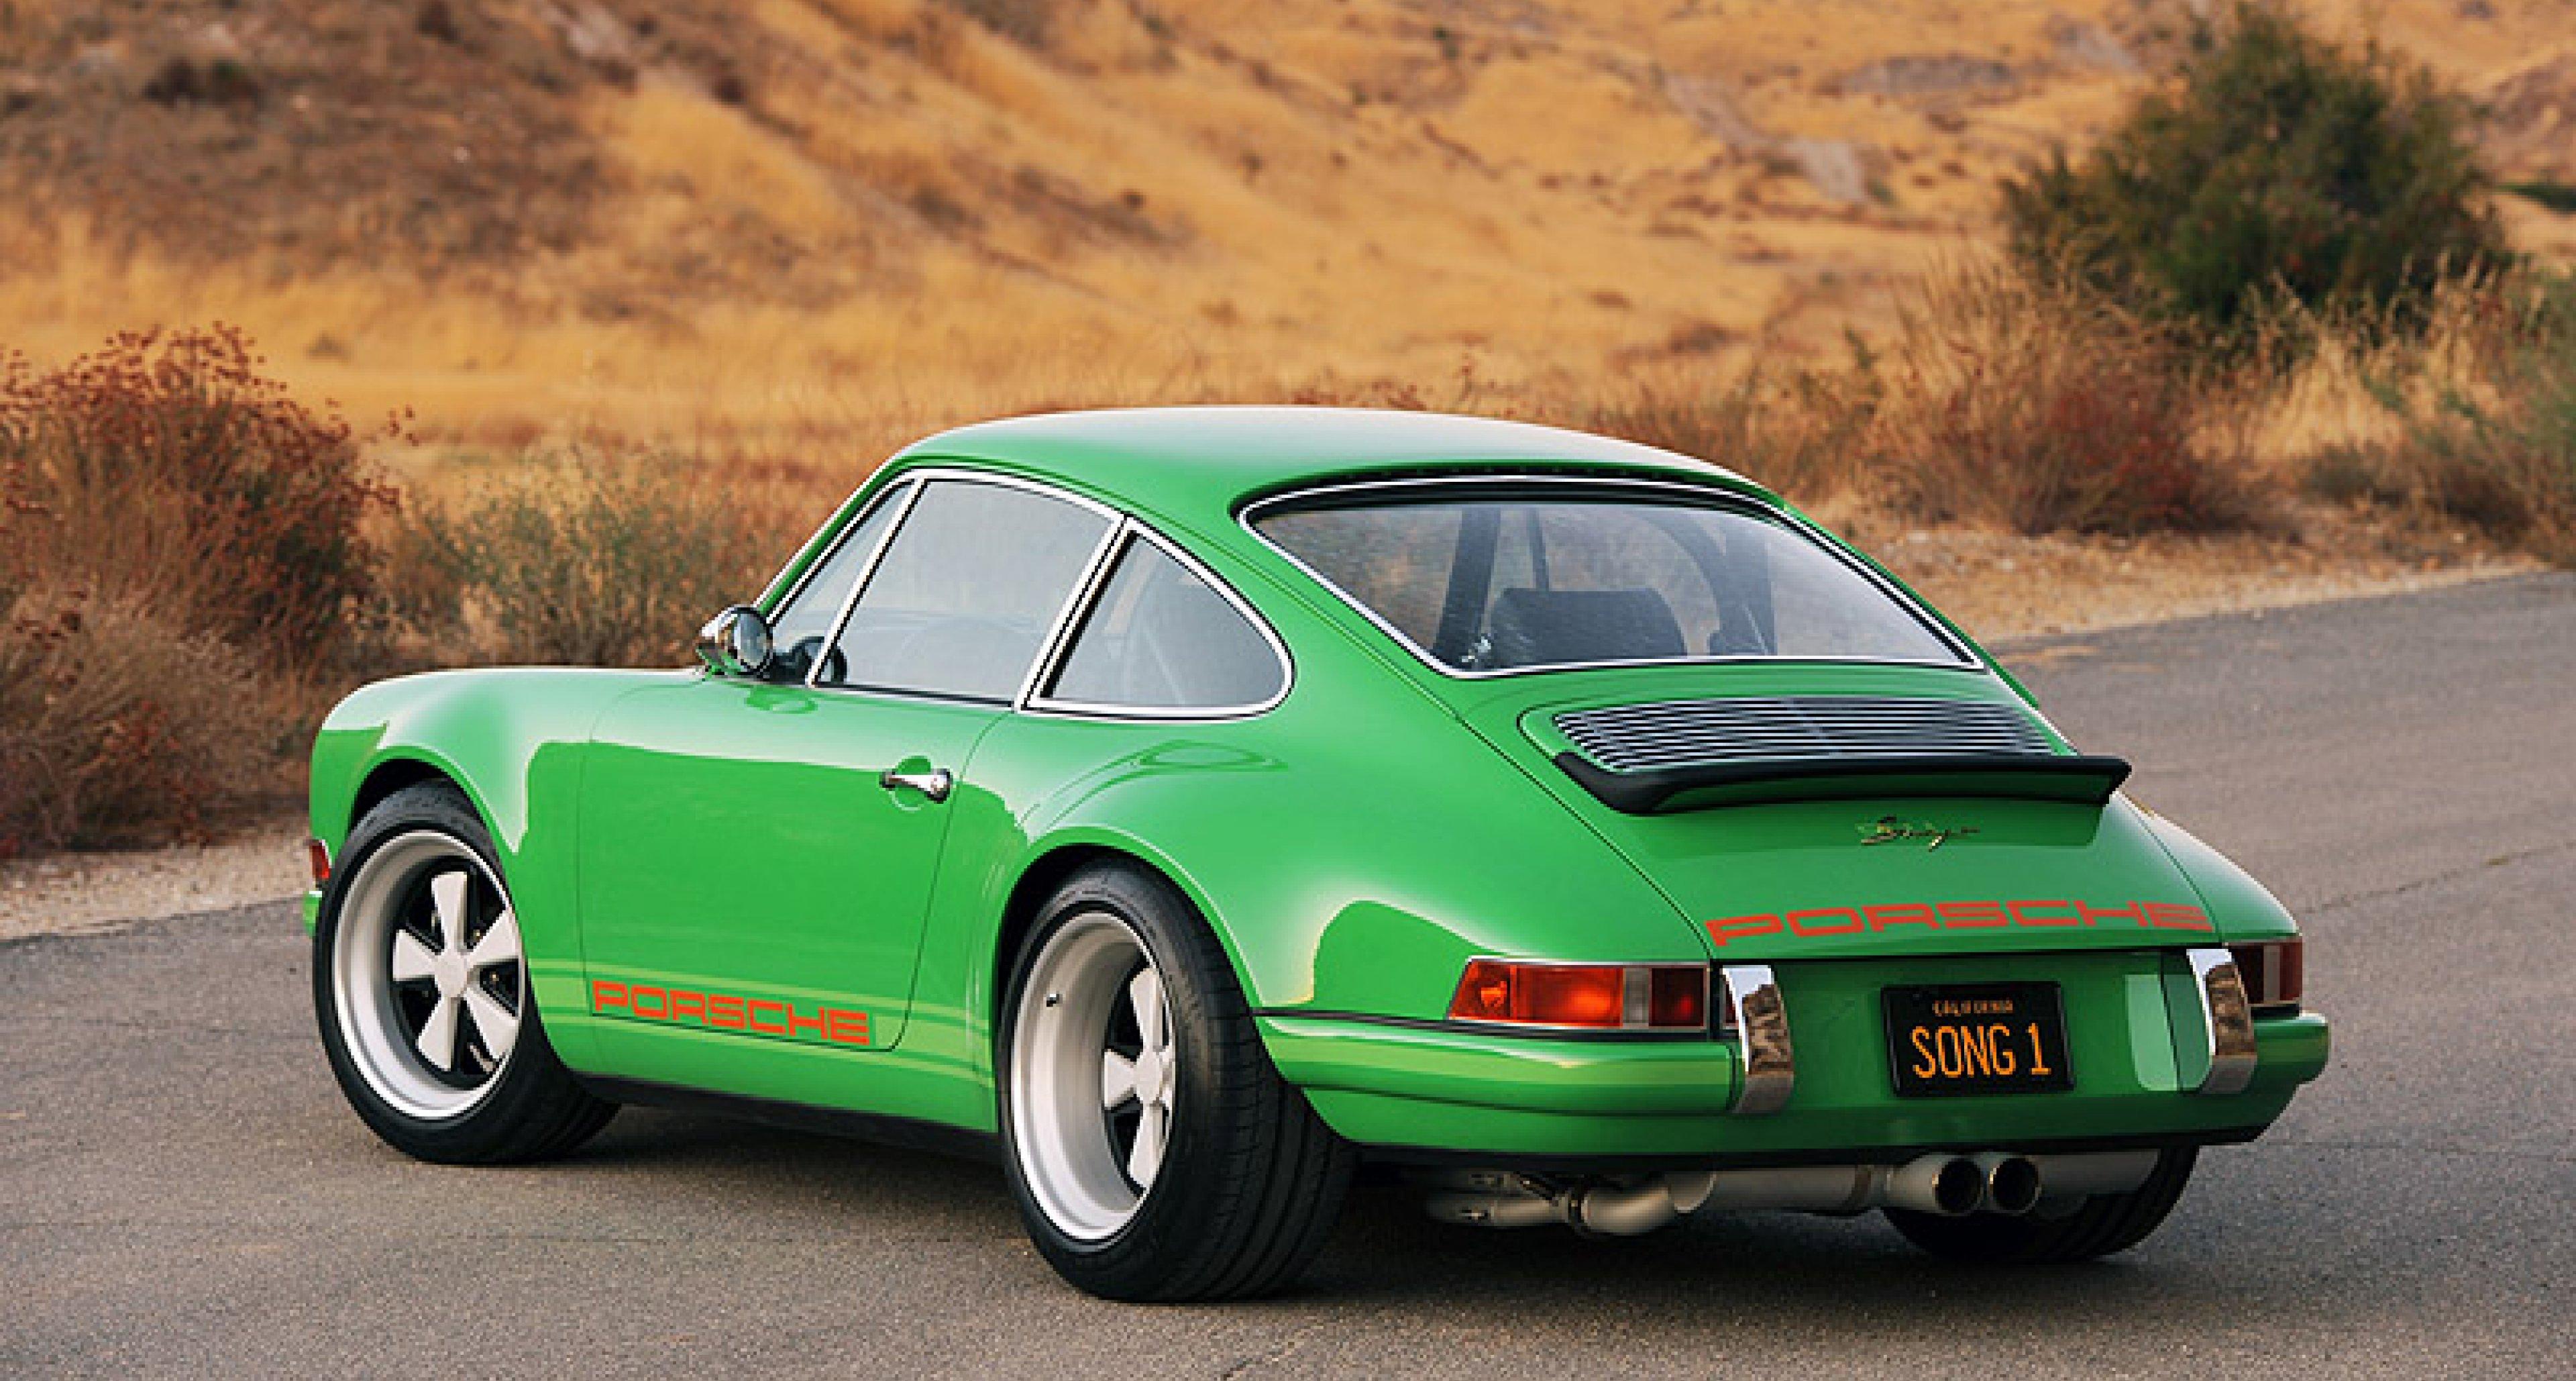 Singer Porsche 911 2011